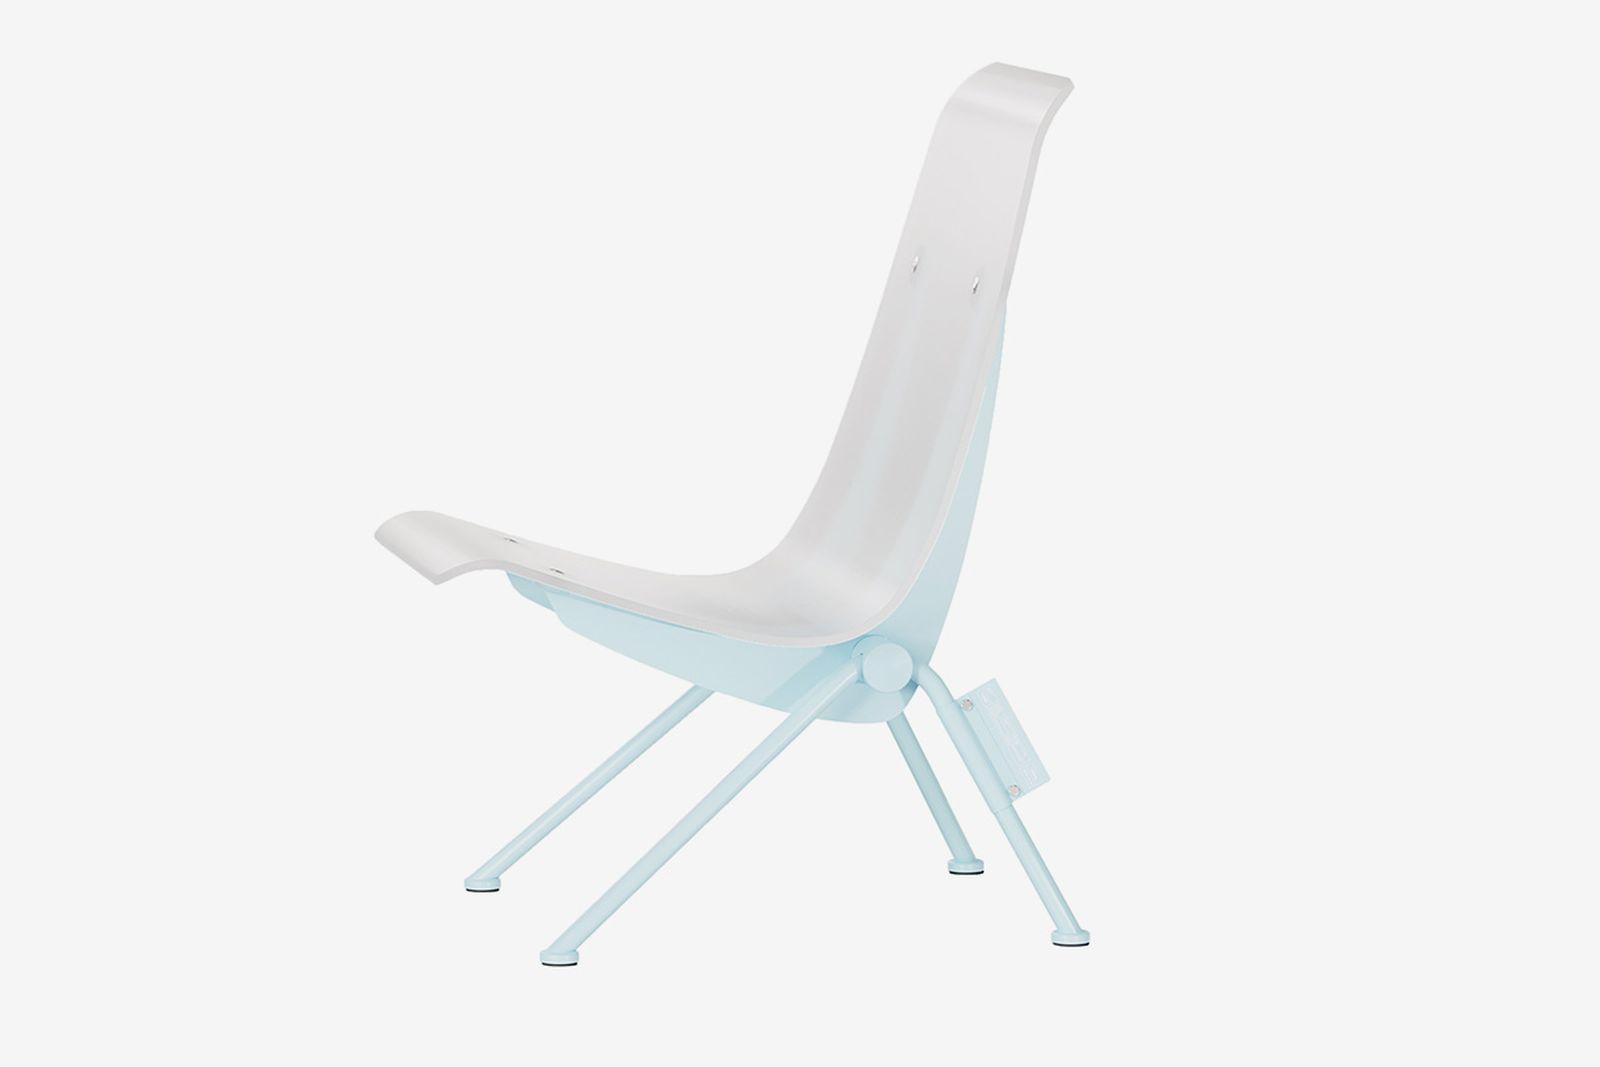 virgil-abloh-designed-chair-vitra-01